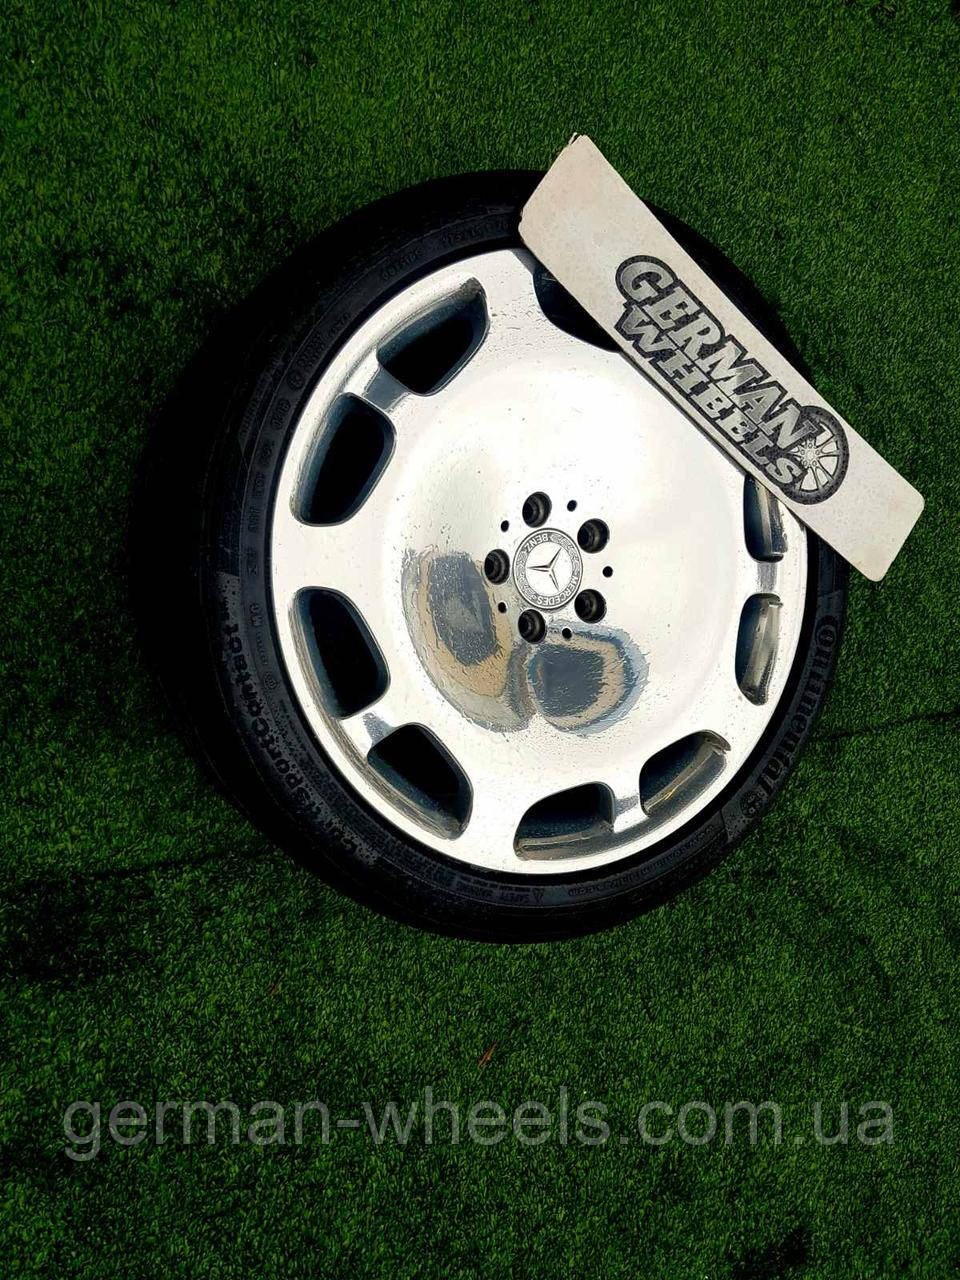 Оригинальные кованые диски R20 Mercedes Maybach W222